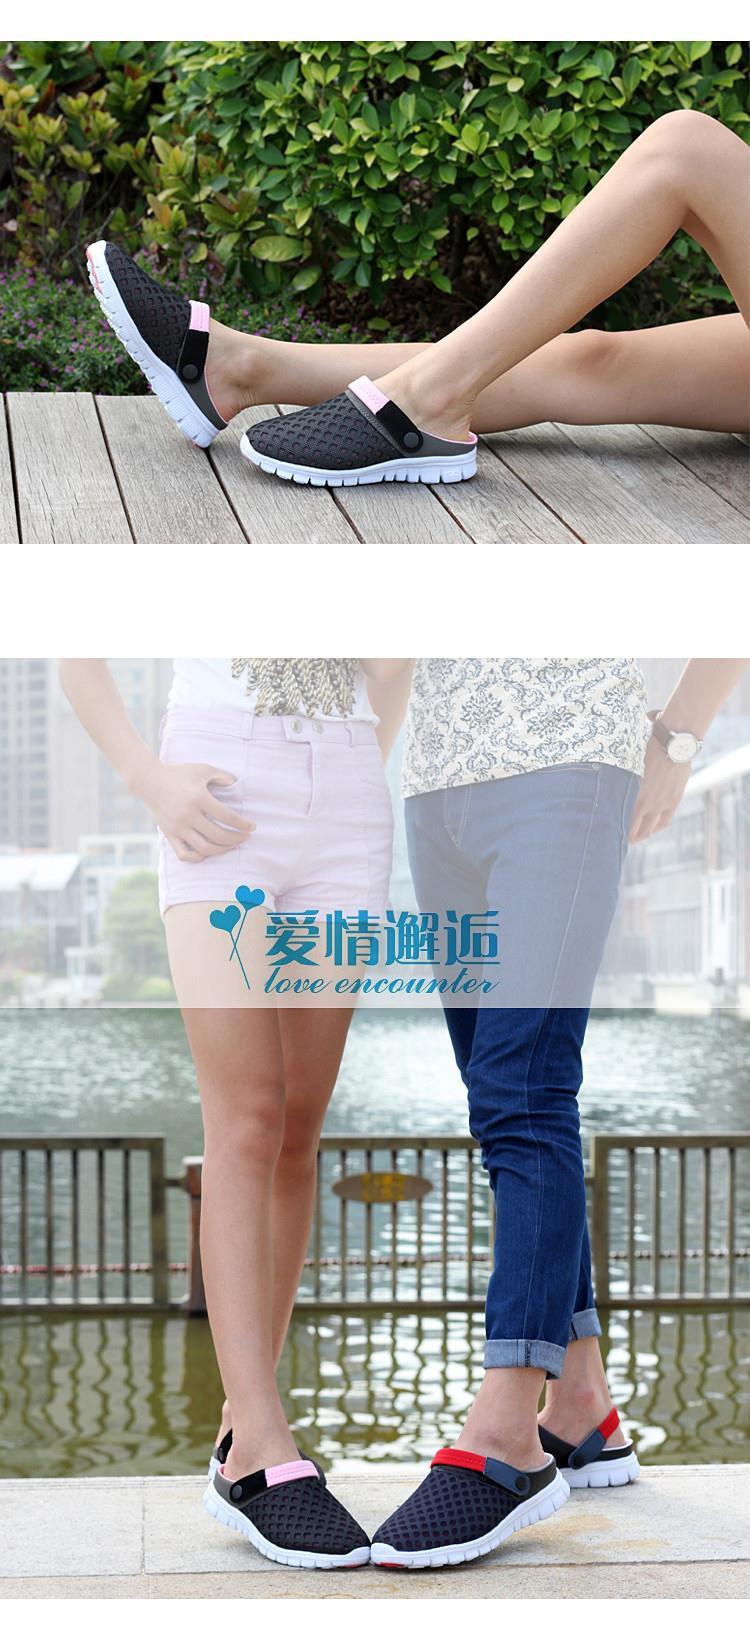 Yeni Marka Erkek Kadın Plaj Ayakkabı 2016 Yaz Moda Rahat Ultralight Nefes Ayakkabı Örgü Unisex Çiftler Düz Topuk